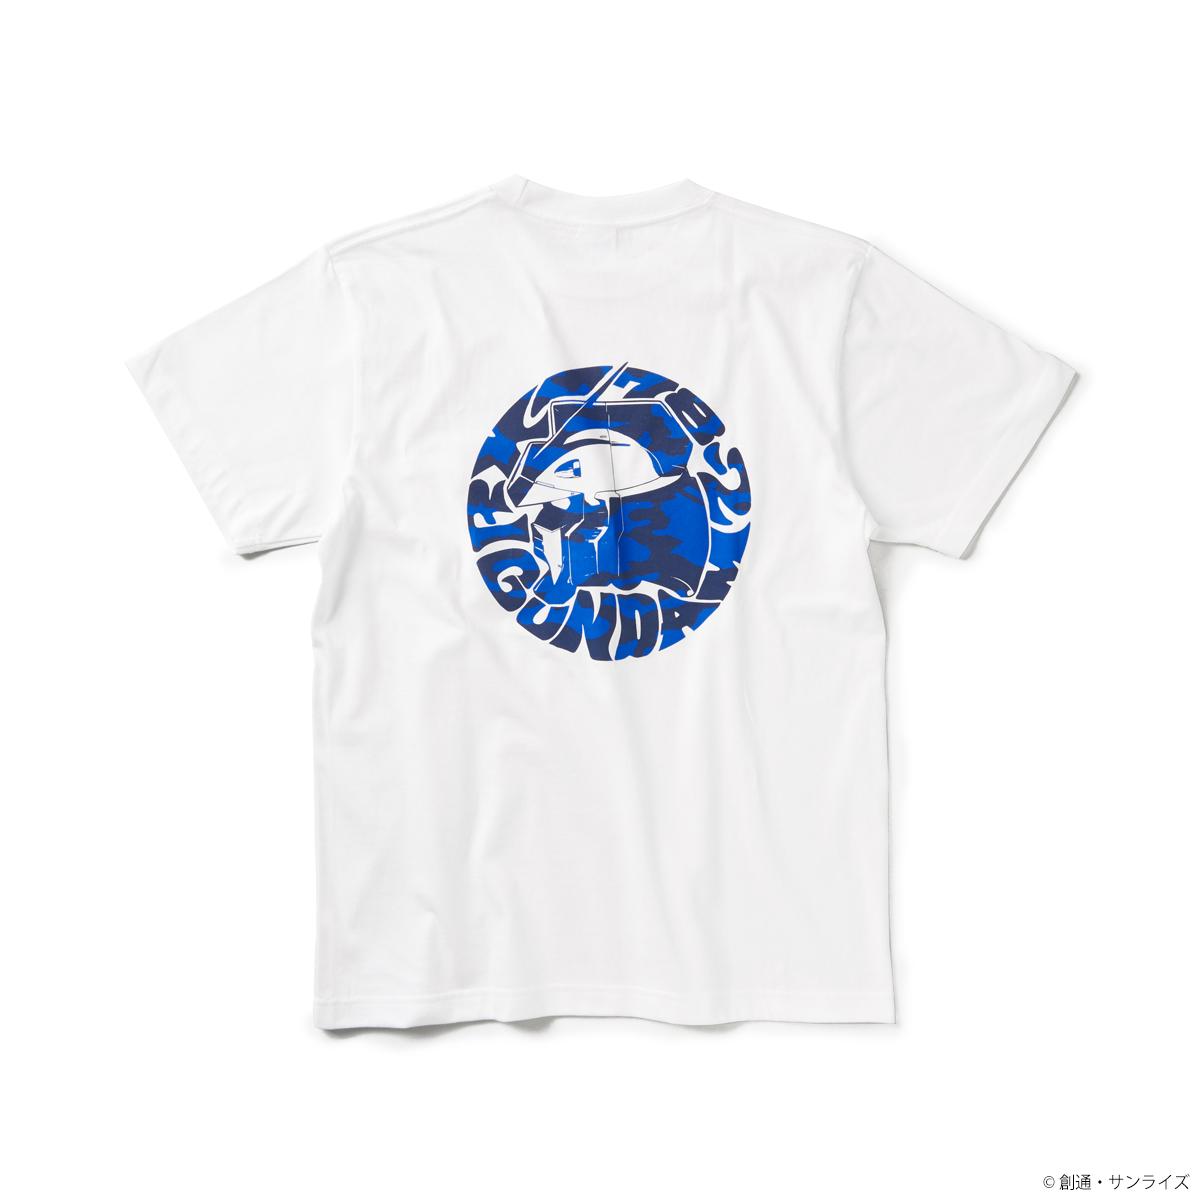 『機動戦士ガンダム』ポケット付き Tシャツ ガンダム